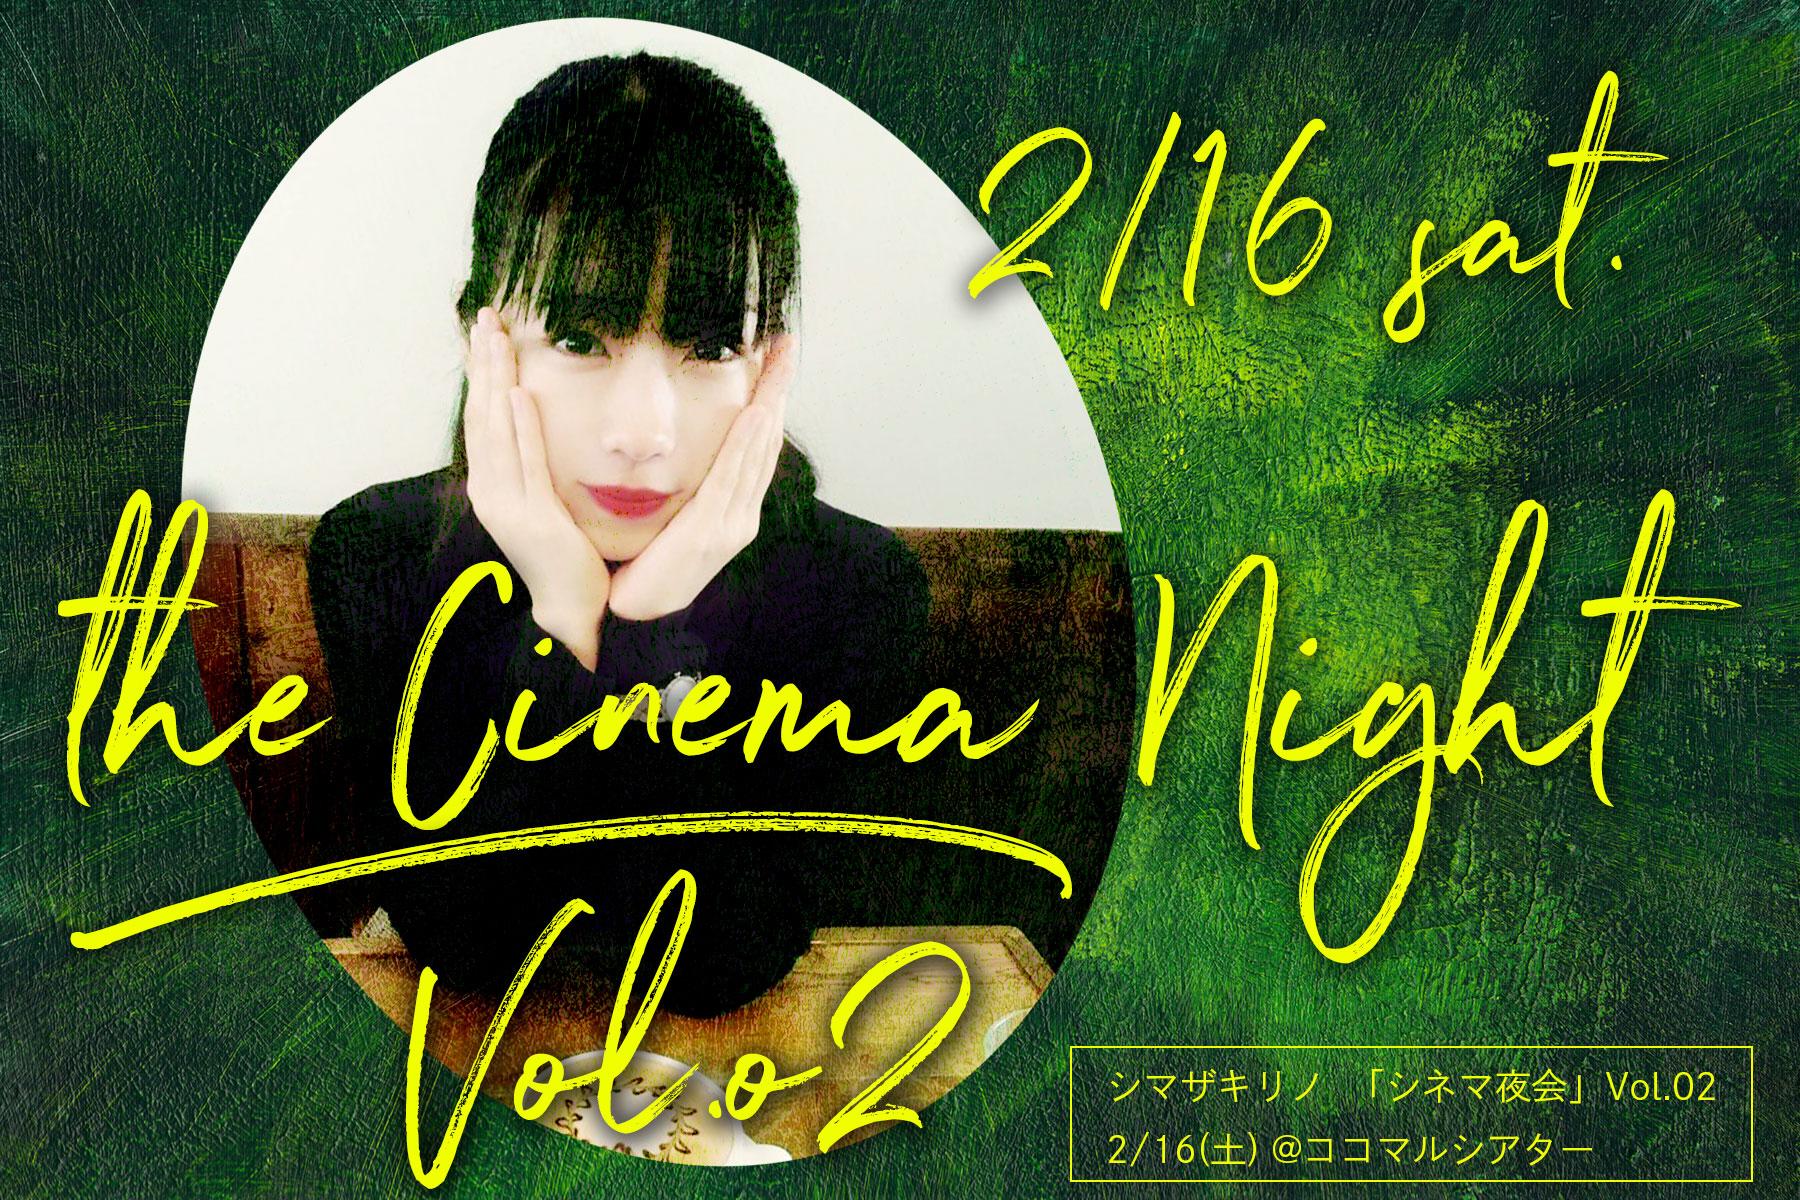 トークイベント「島崎莉乃 シネマ夜会 Vol.02」